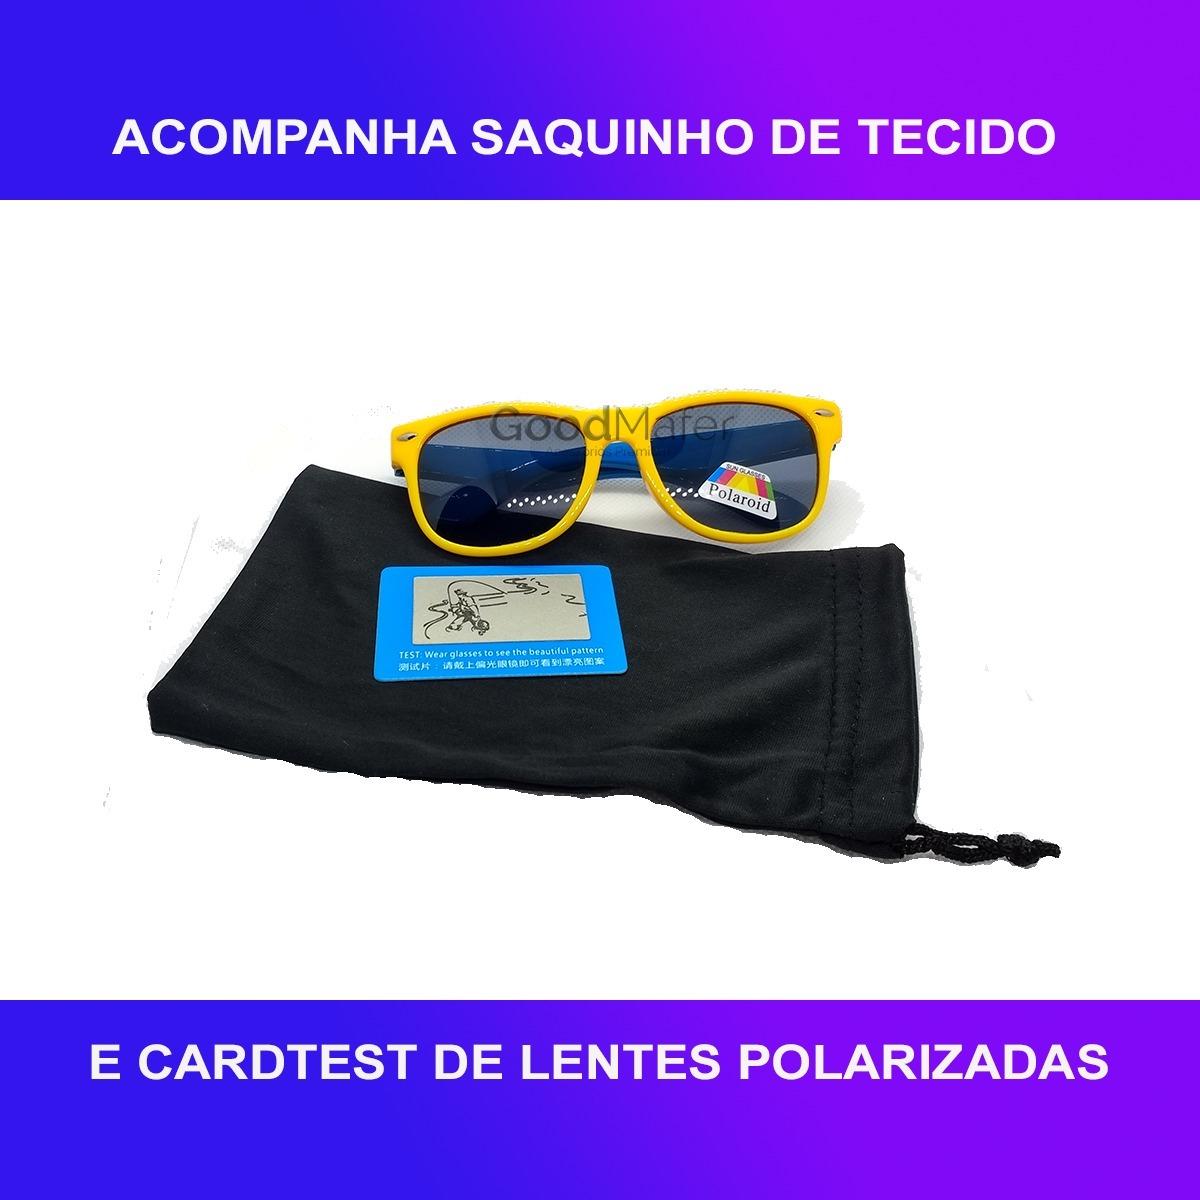 Kit 2 Óculos Infantis Flexíveis Uv400 + 2 Brindes - R  110,00 em ... 62b3b51ef3